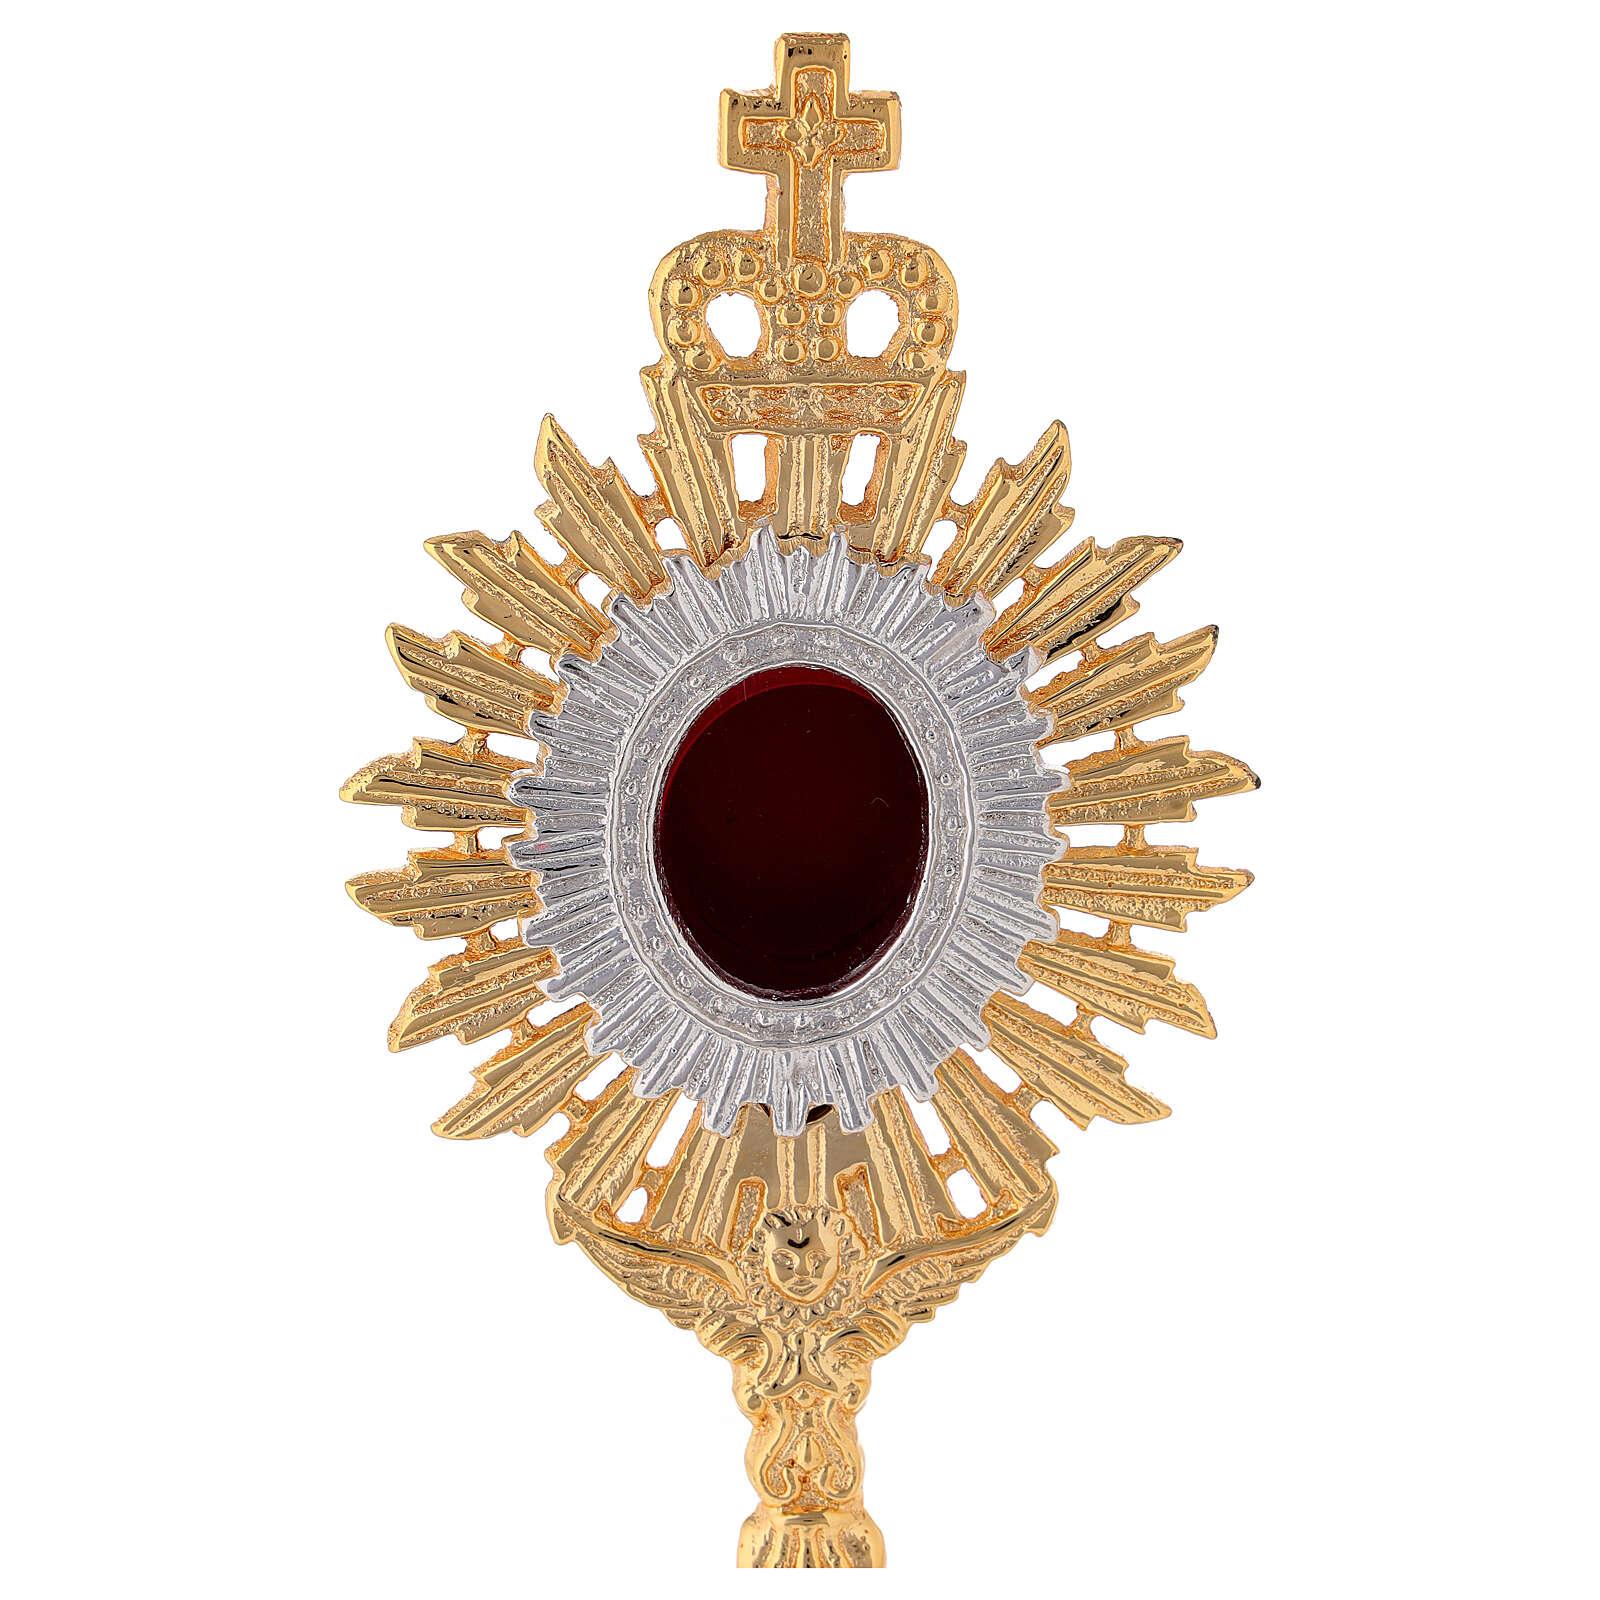 Mini relicario latón dorado h 18 cm corona real corona de rayos 4